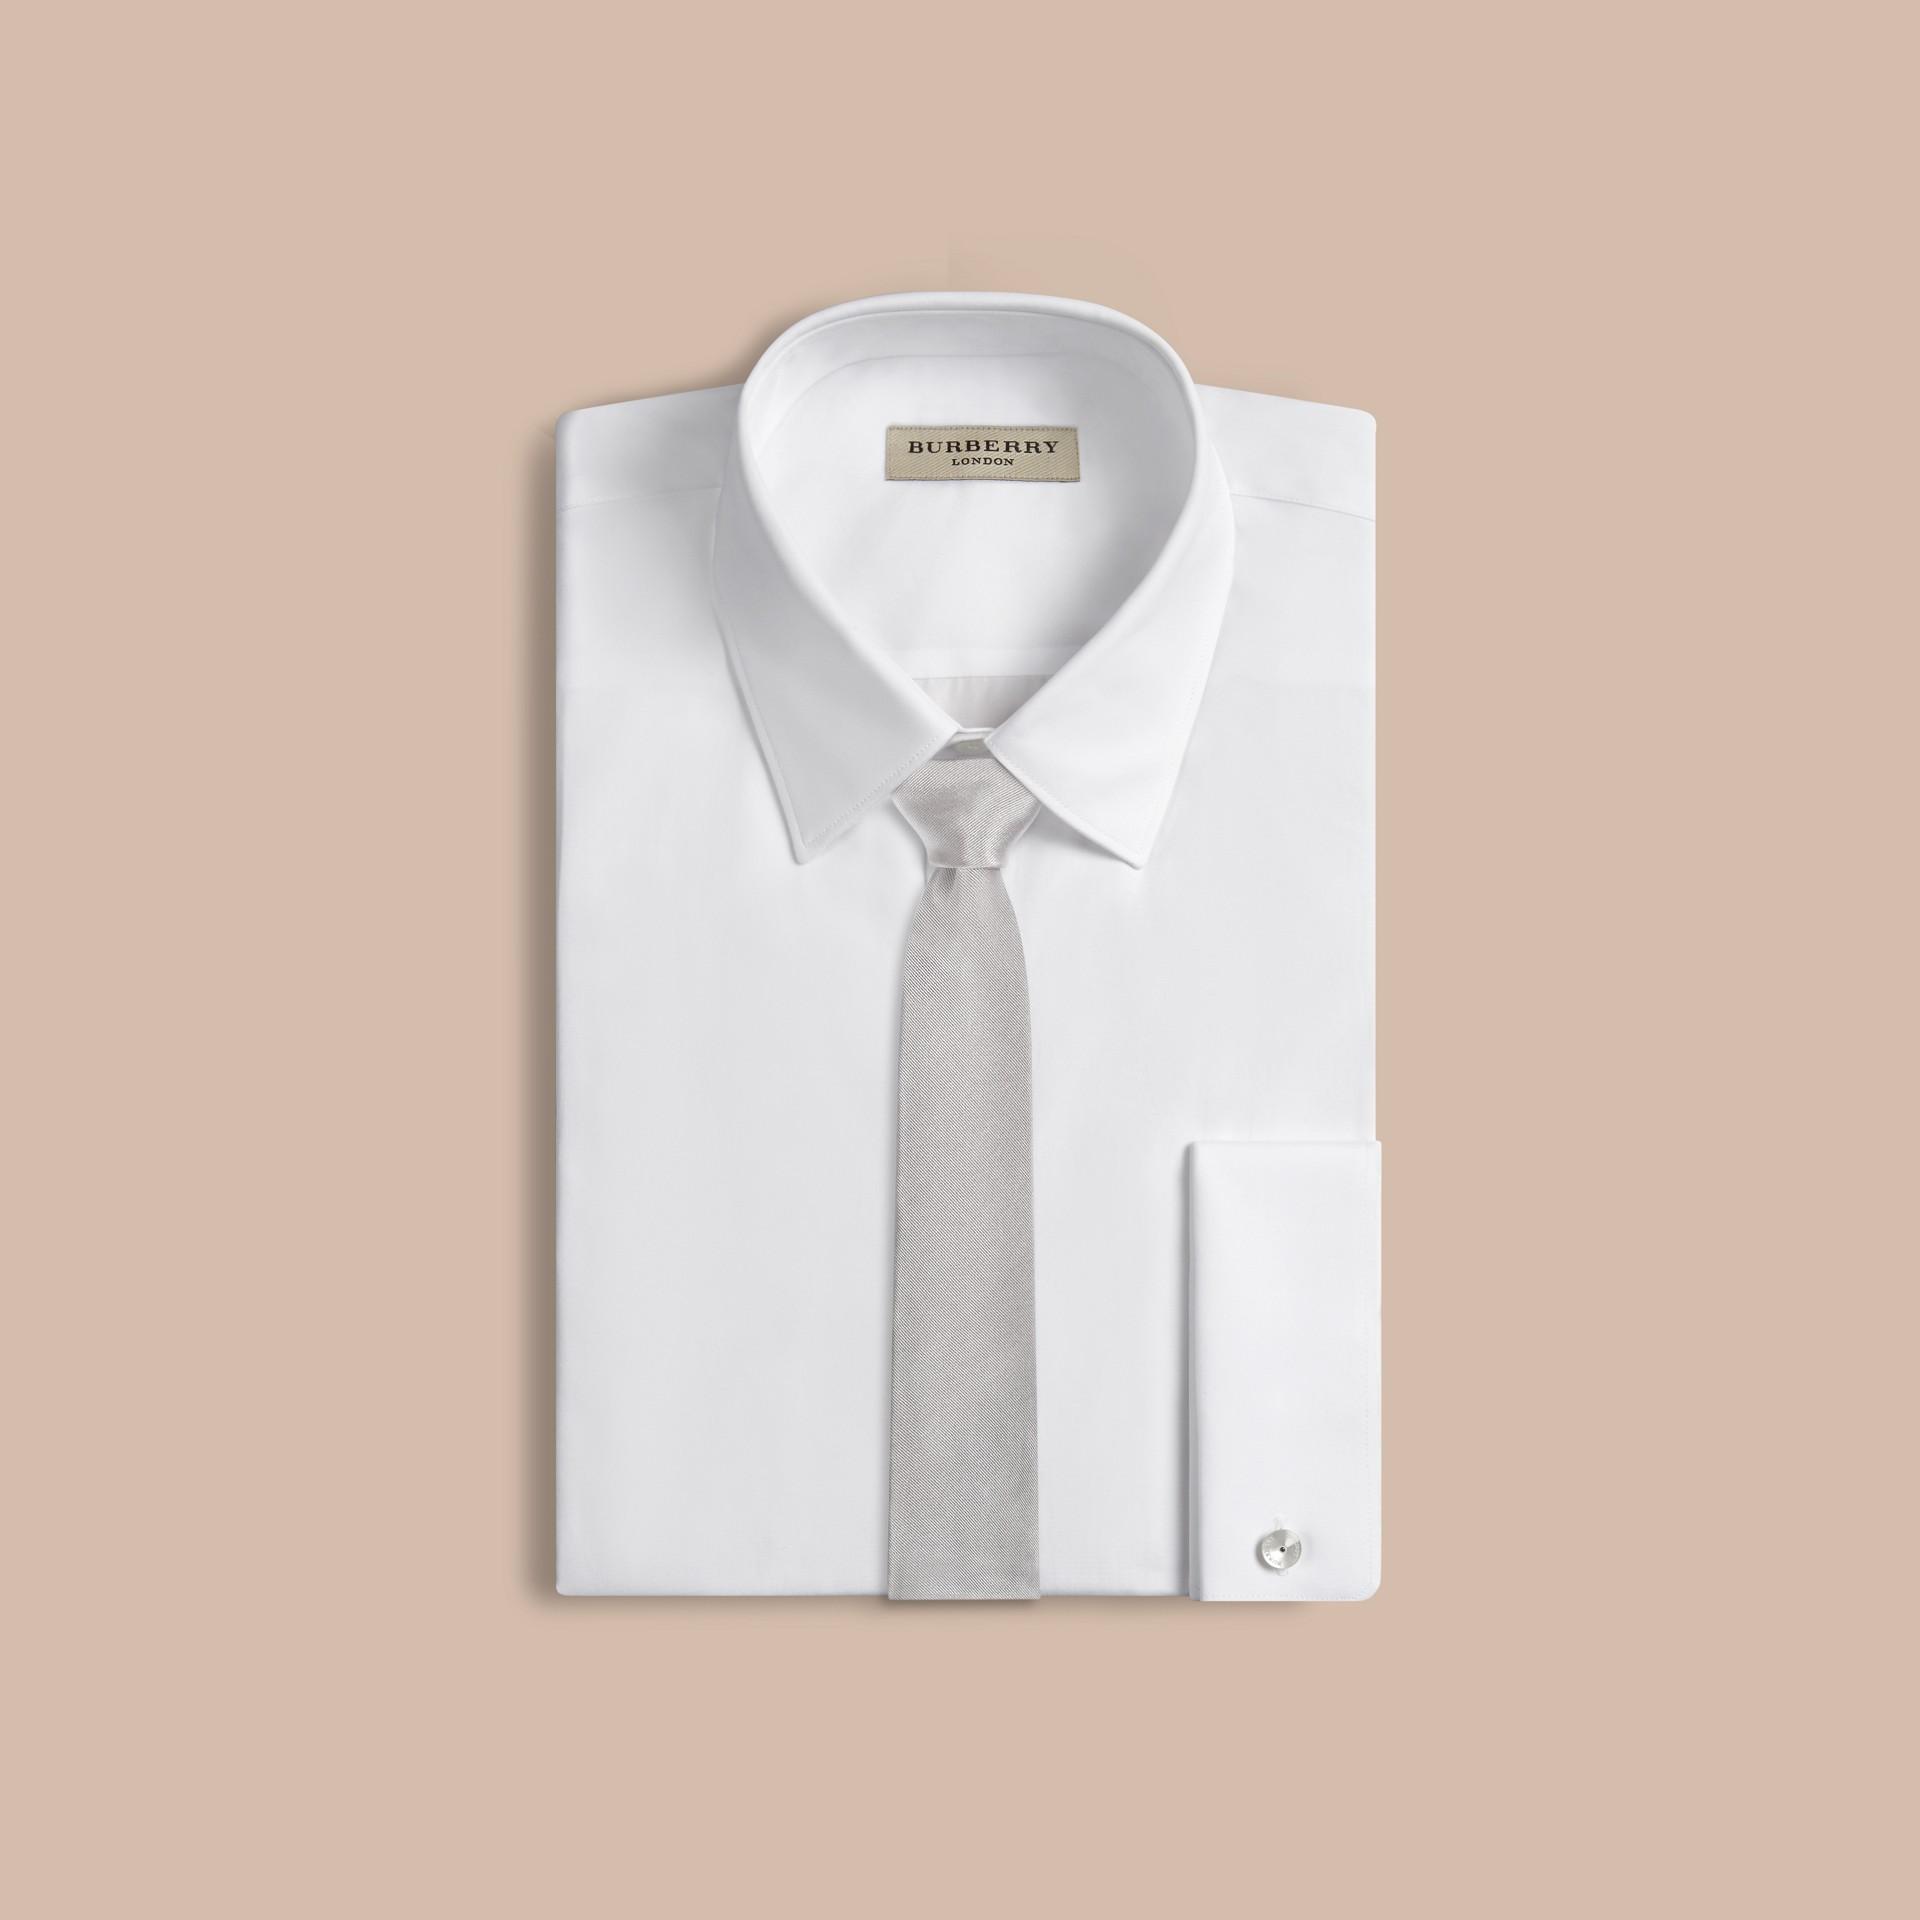 Cinza claro Gravata de seda com corte moderno - galeria de imagens 2